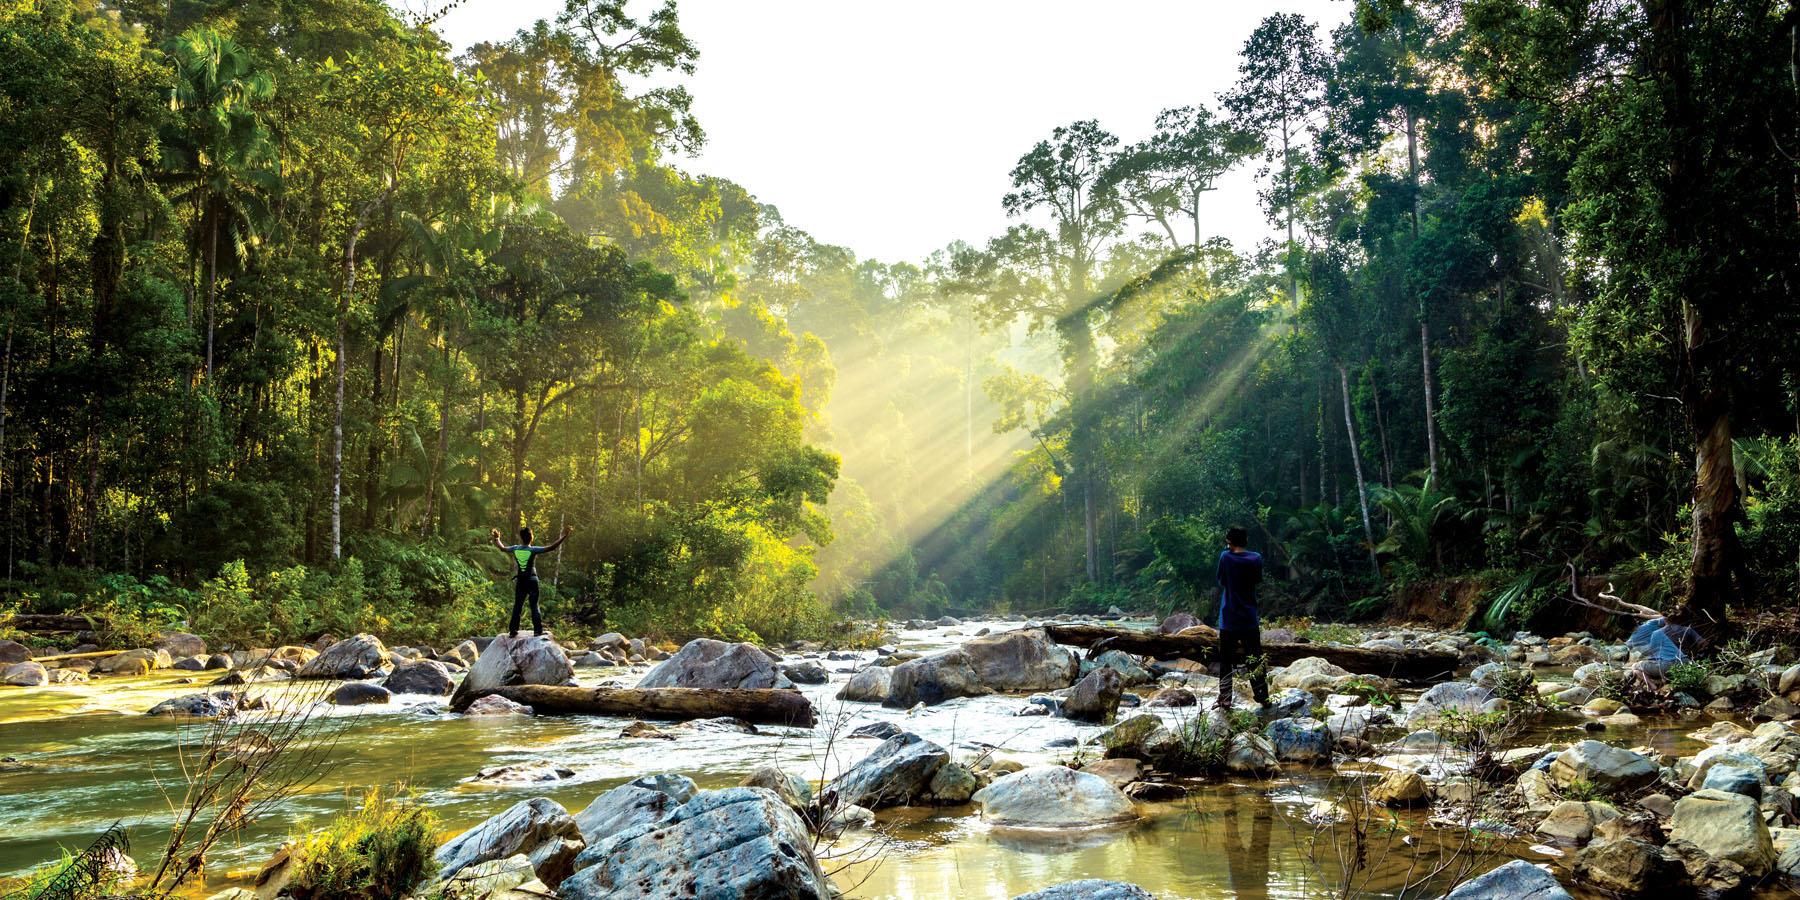 Malaysia-Taman-Negara-National-Park_701854222_1